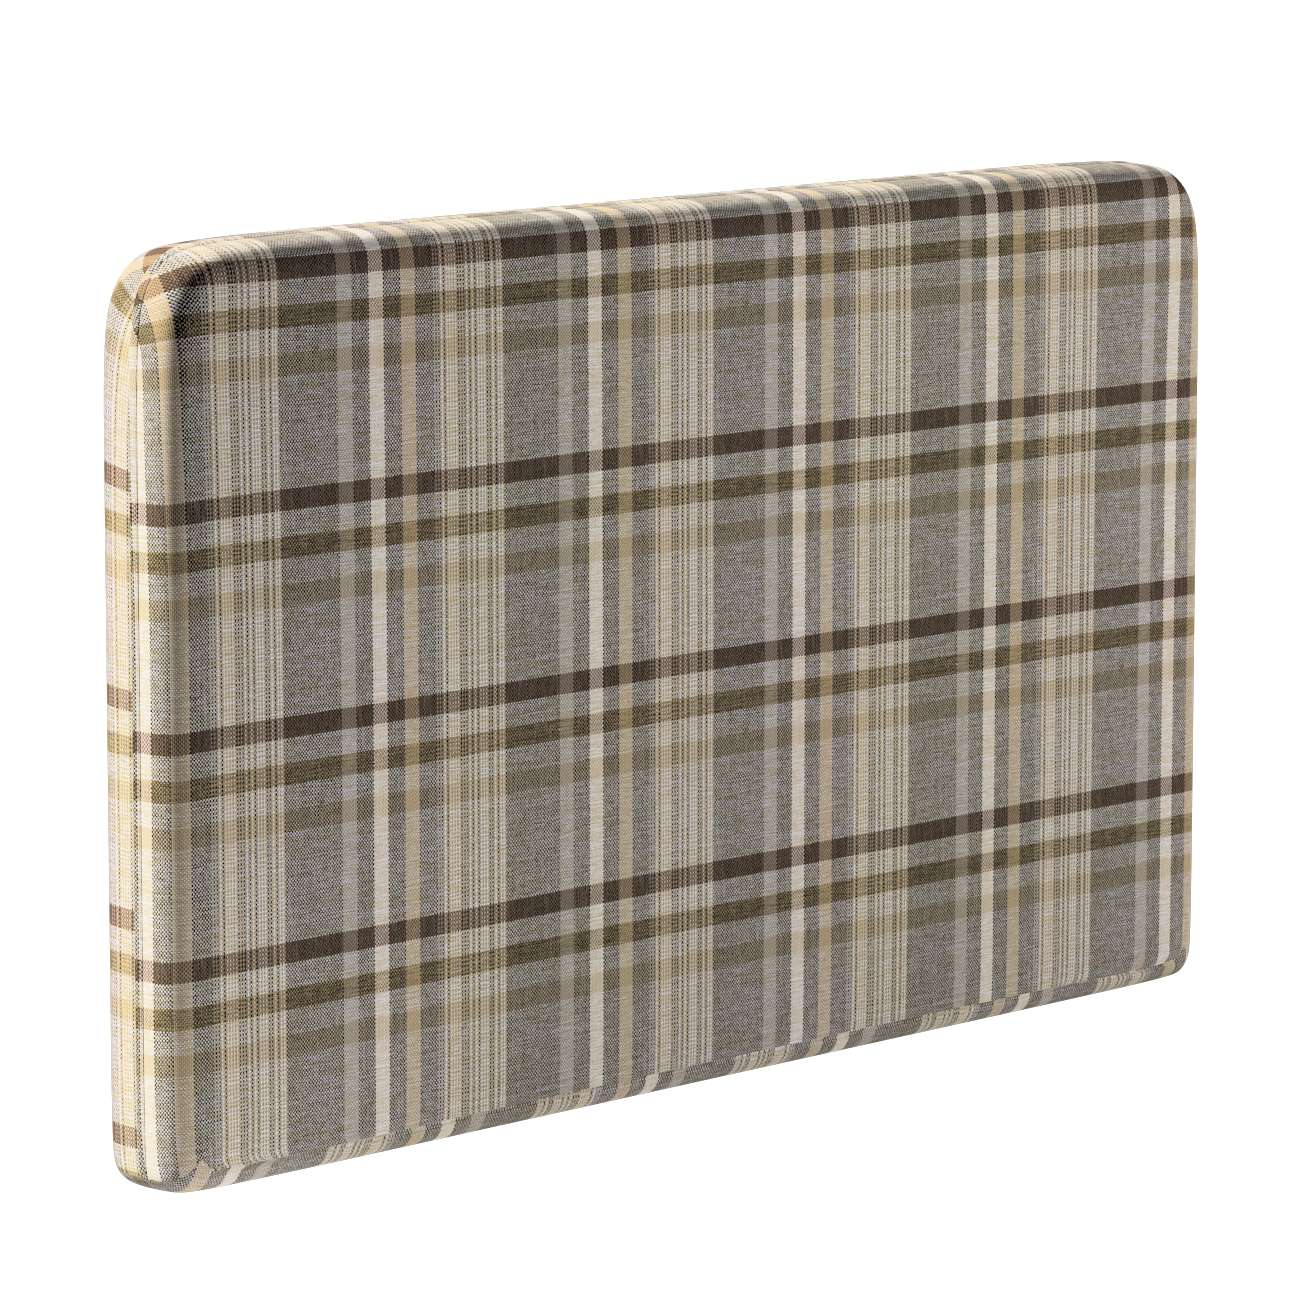 Pokrowiec na podłokietnik Söderhamn w kolekcji Edinburgh, tkanina: 703-17